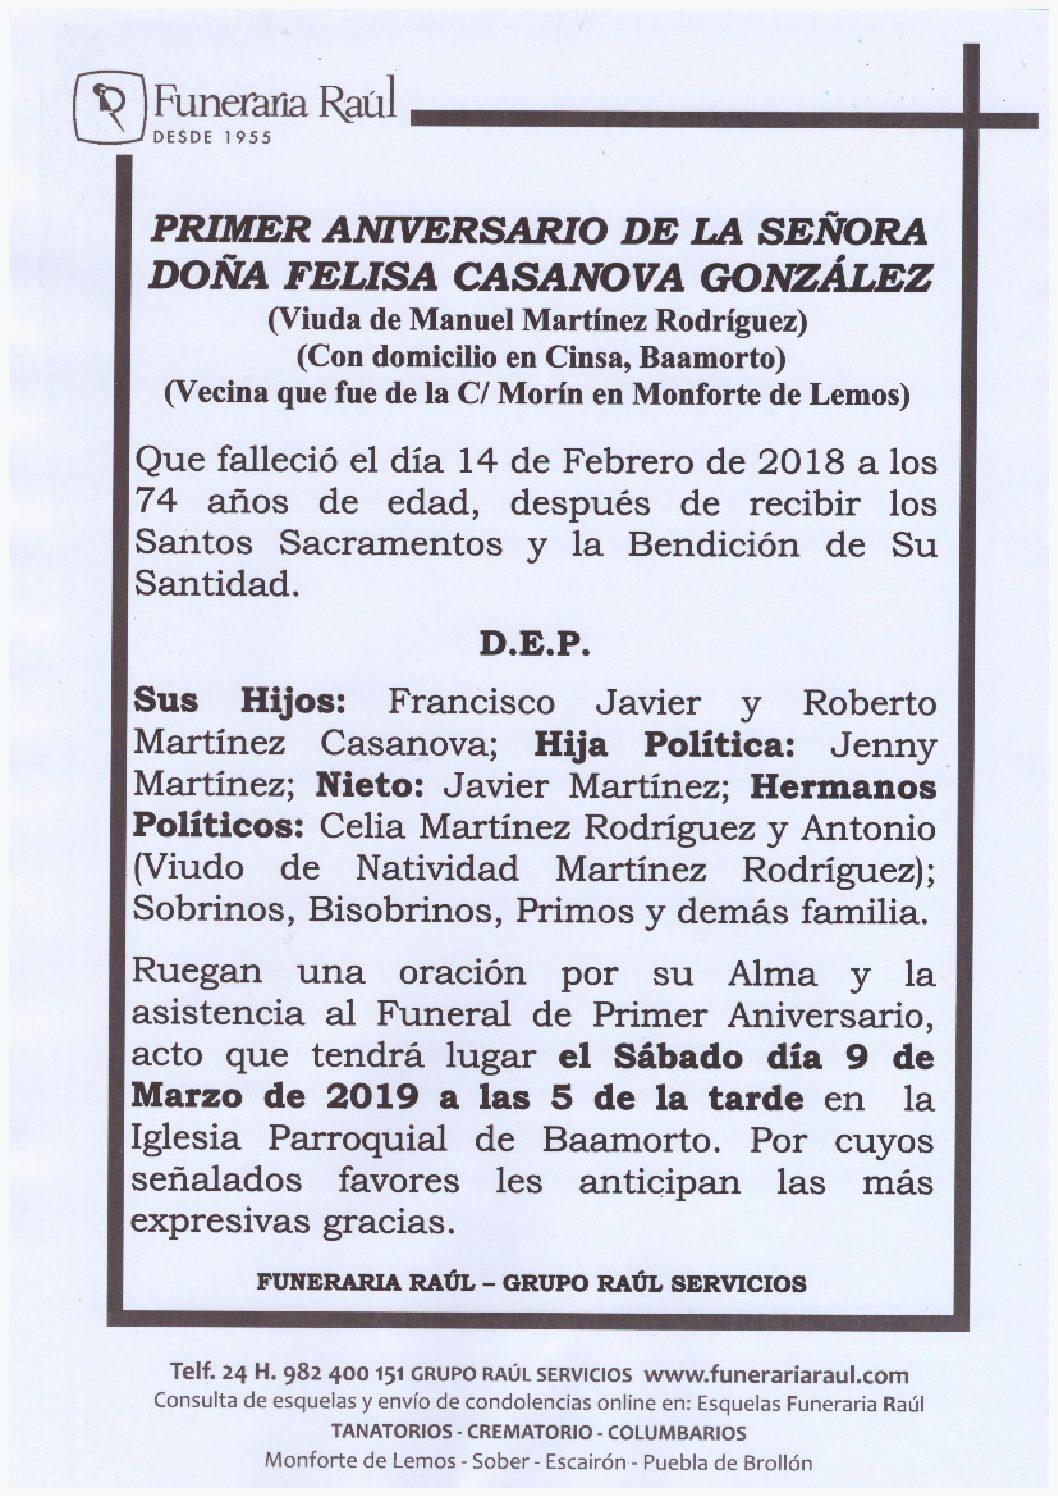 PRIMER ANIVERSARIO DE DOÑA FELISA CASANOVA GONZALEZ